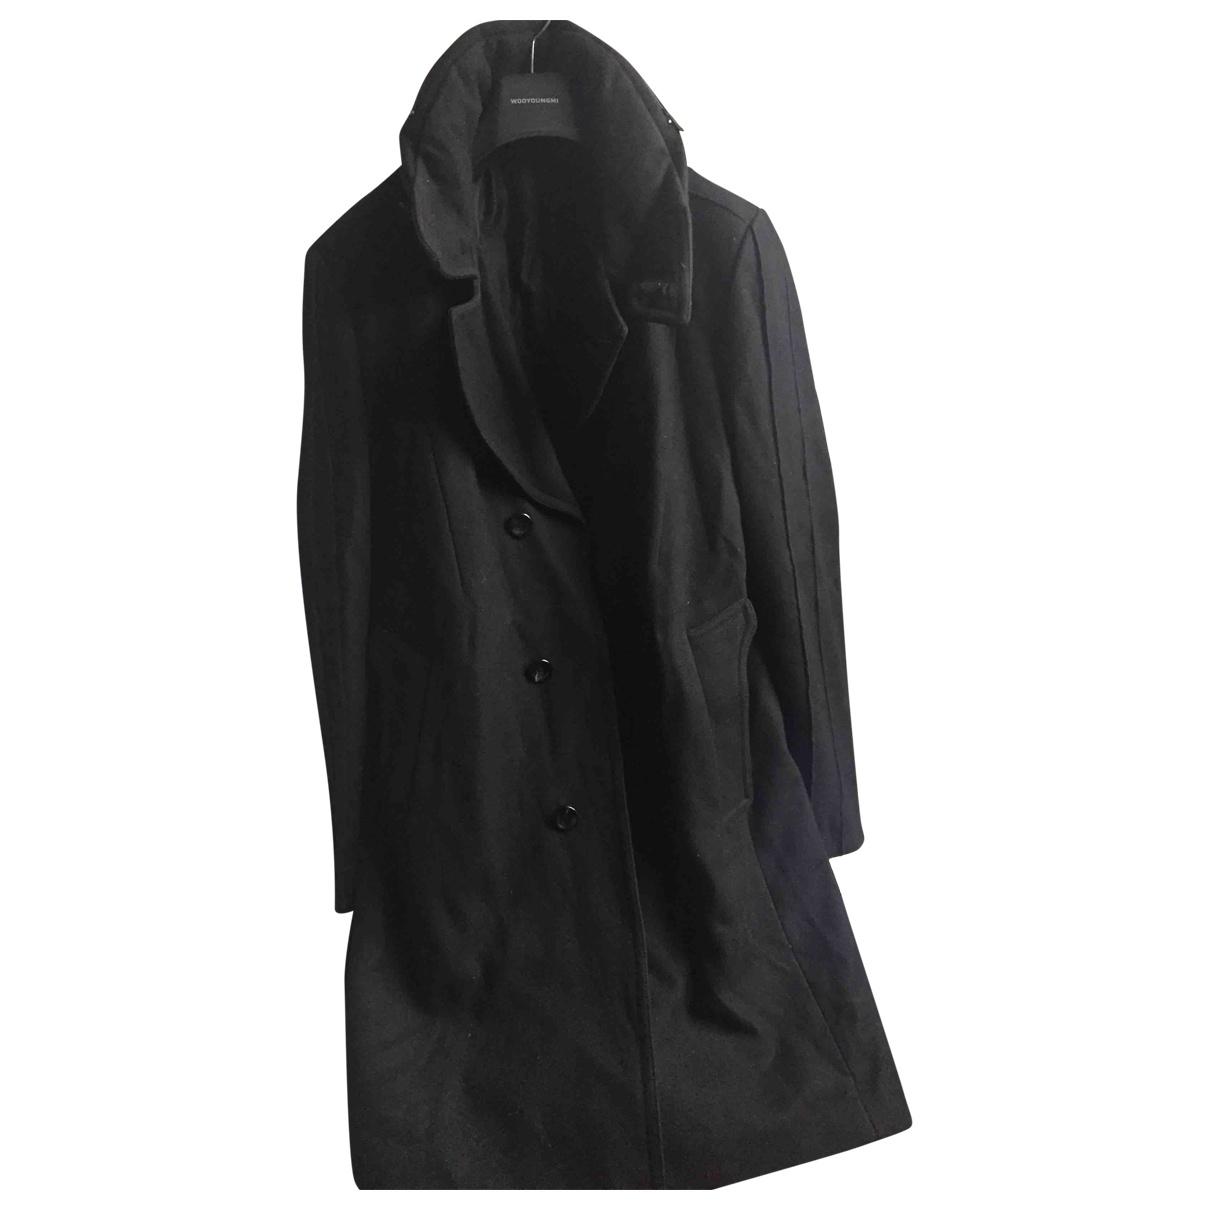 Wooyoungmi - Manteau   pour homme en cachemire - noir